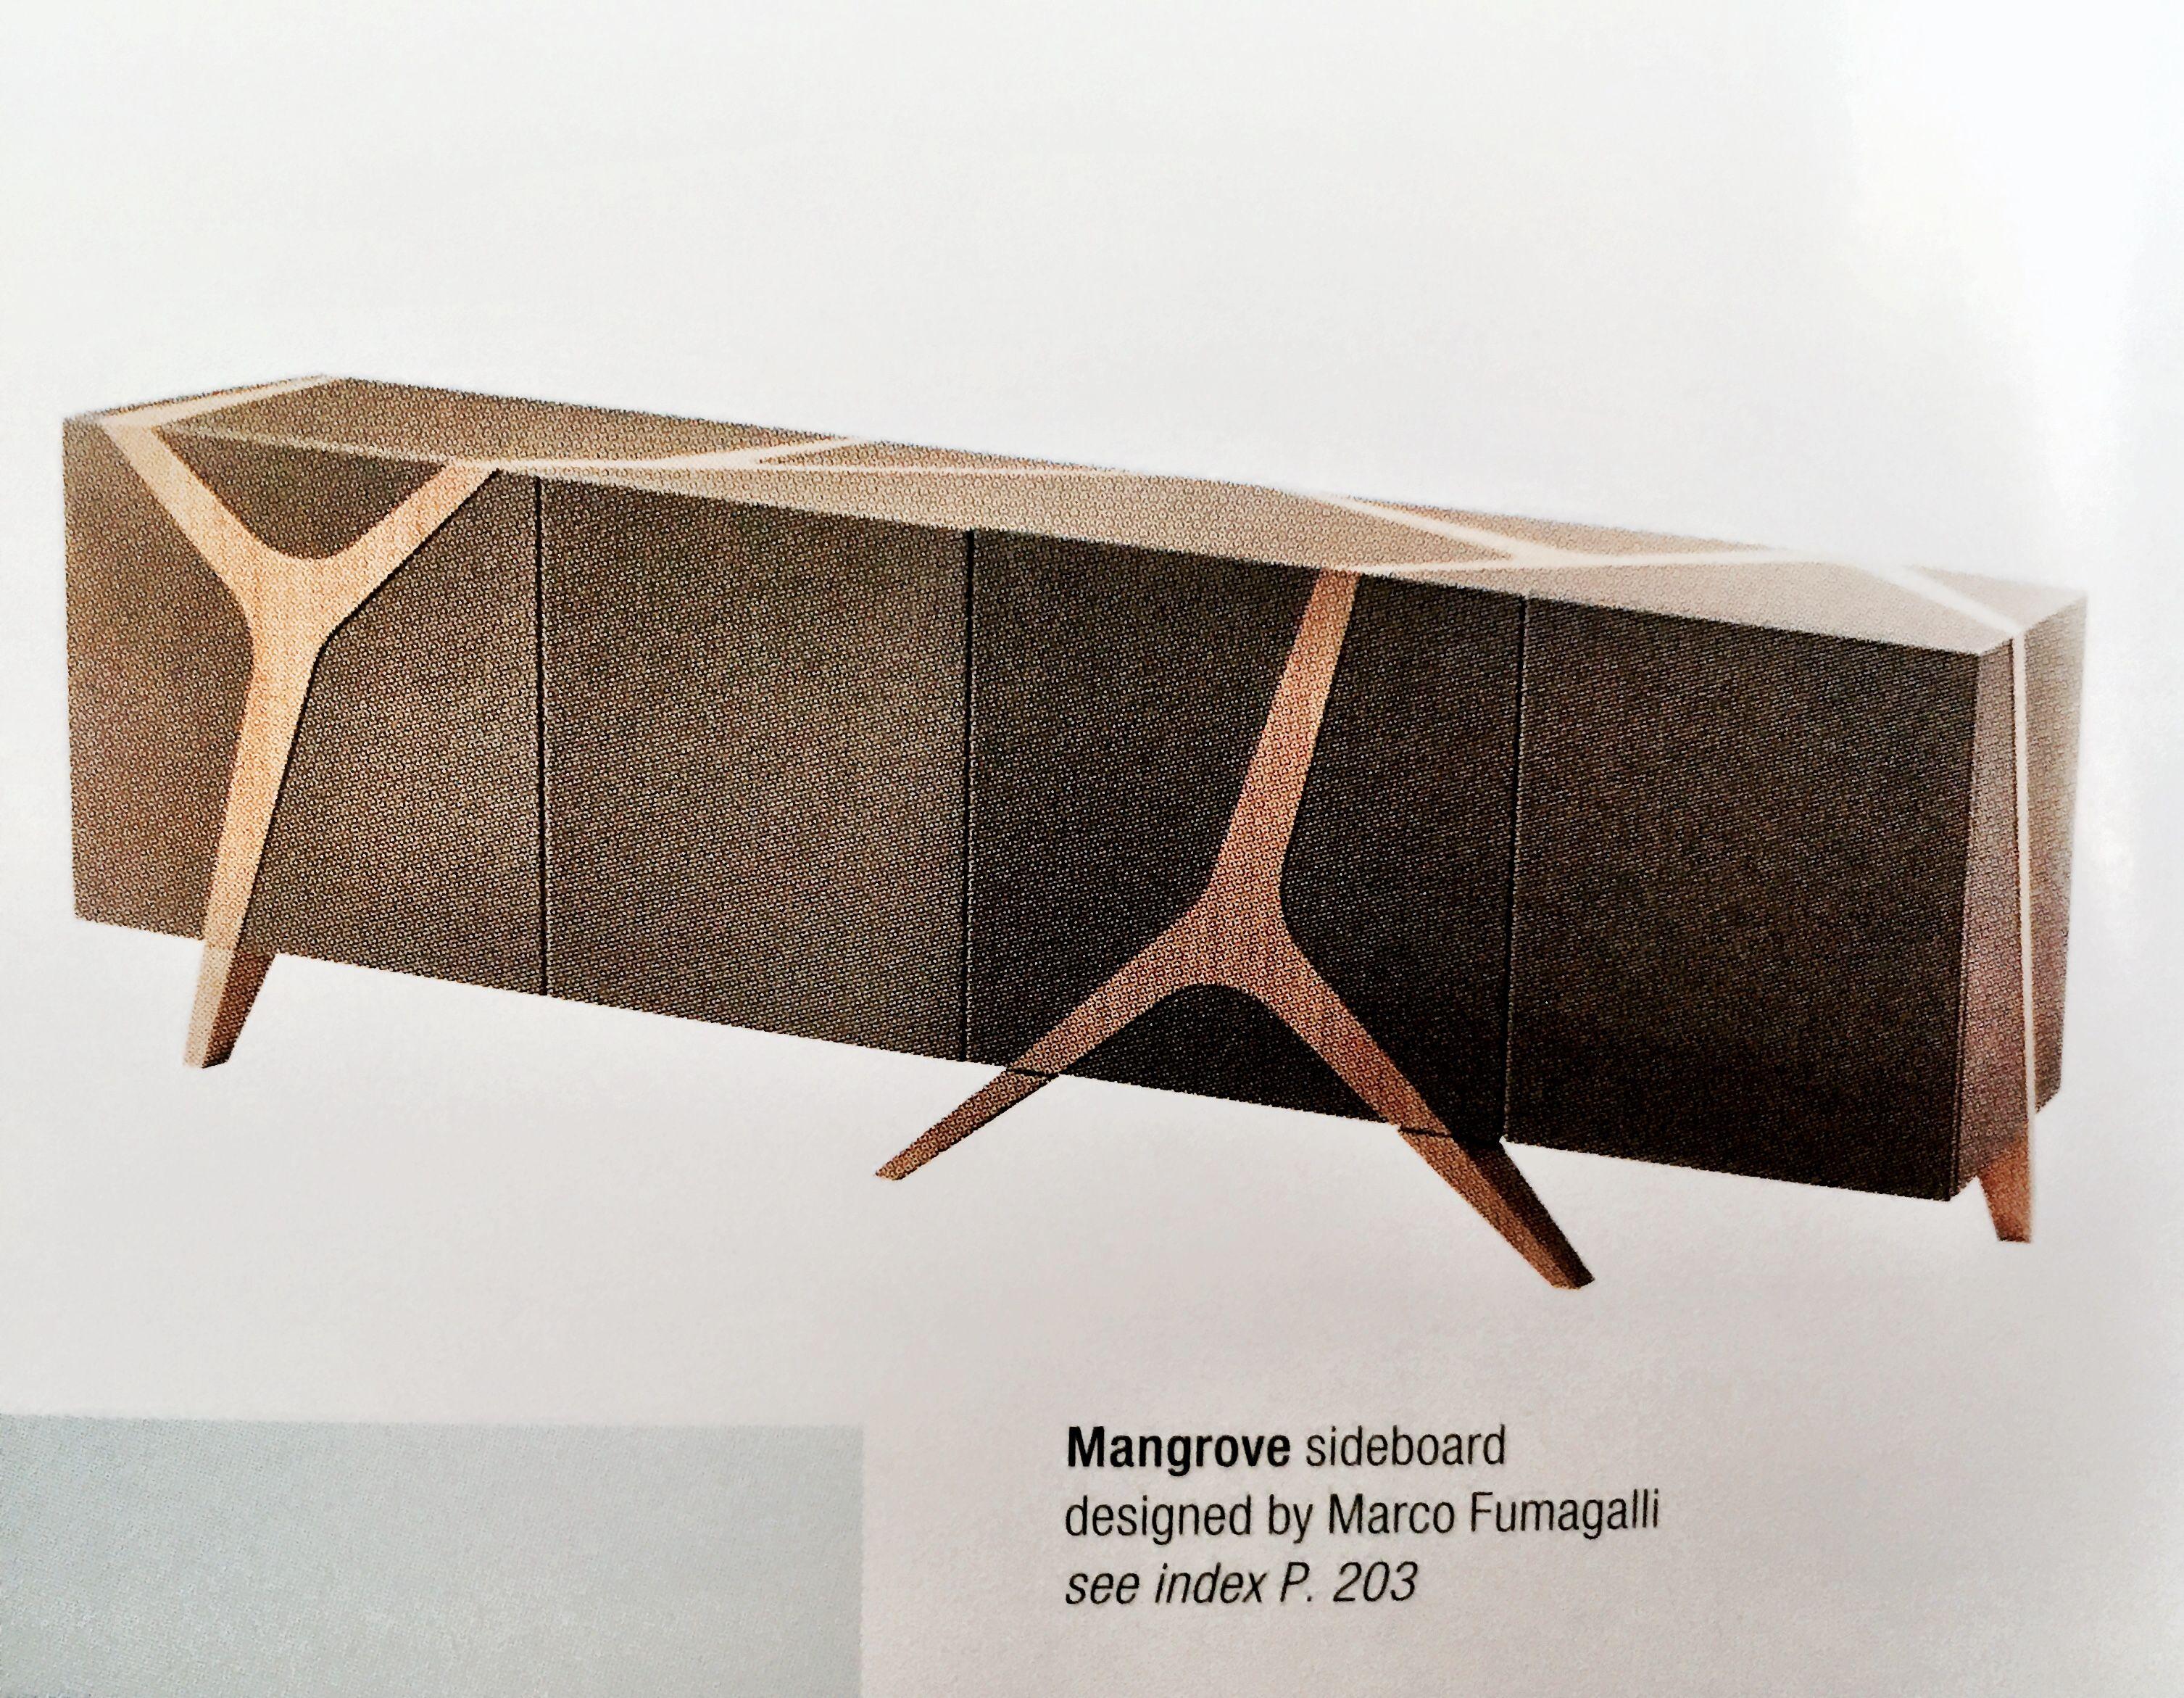 Mangrove sideboard Roche Bobois 2016 déco mode